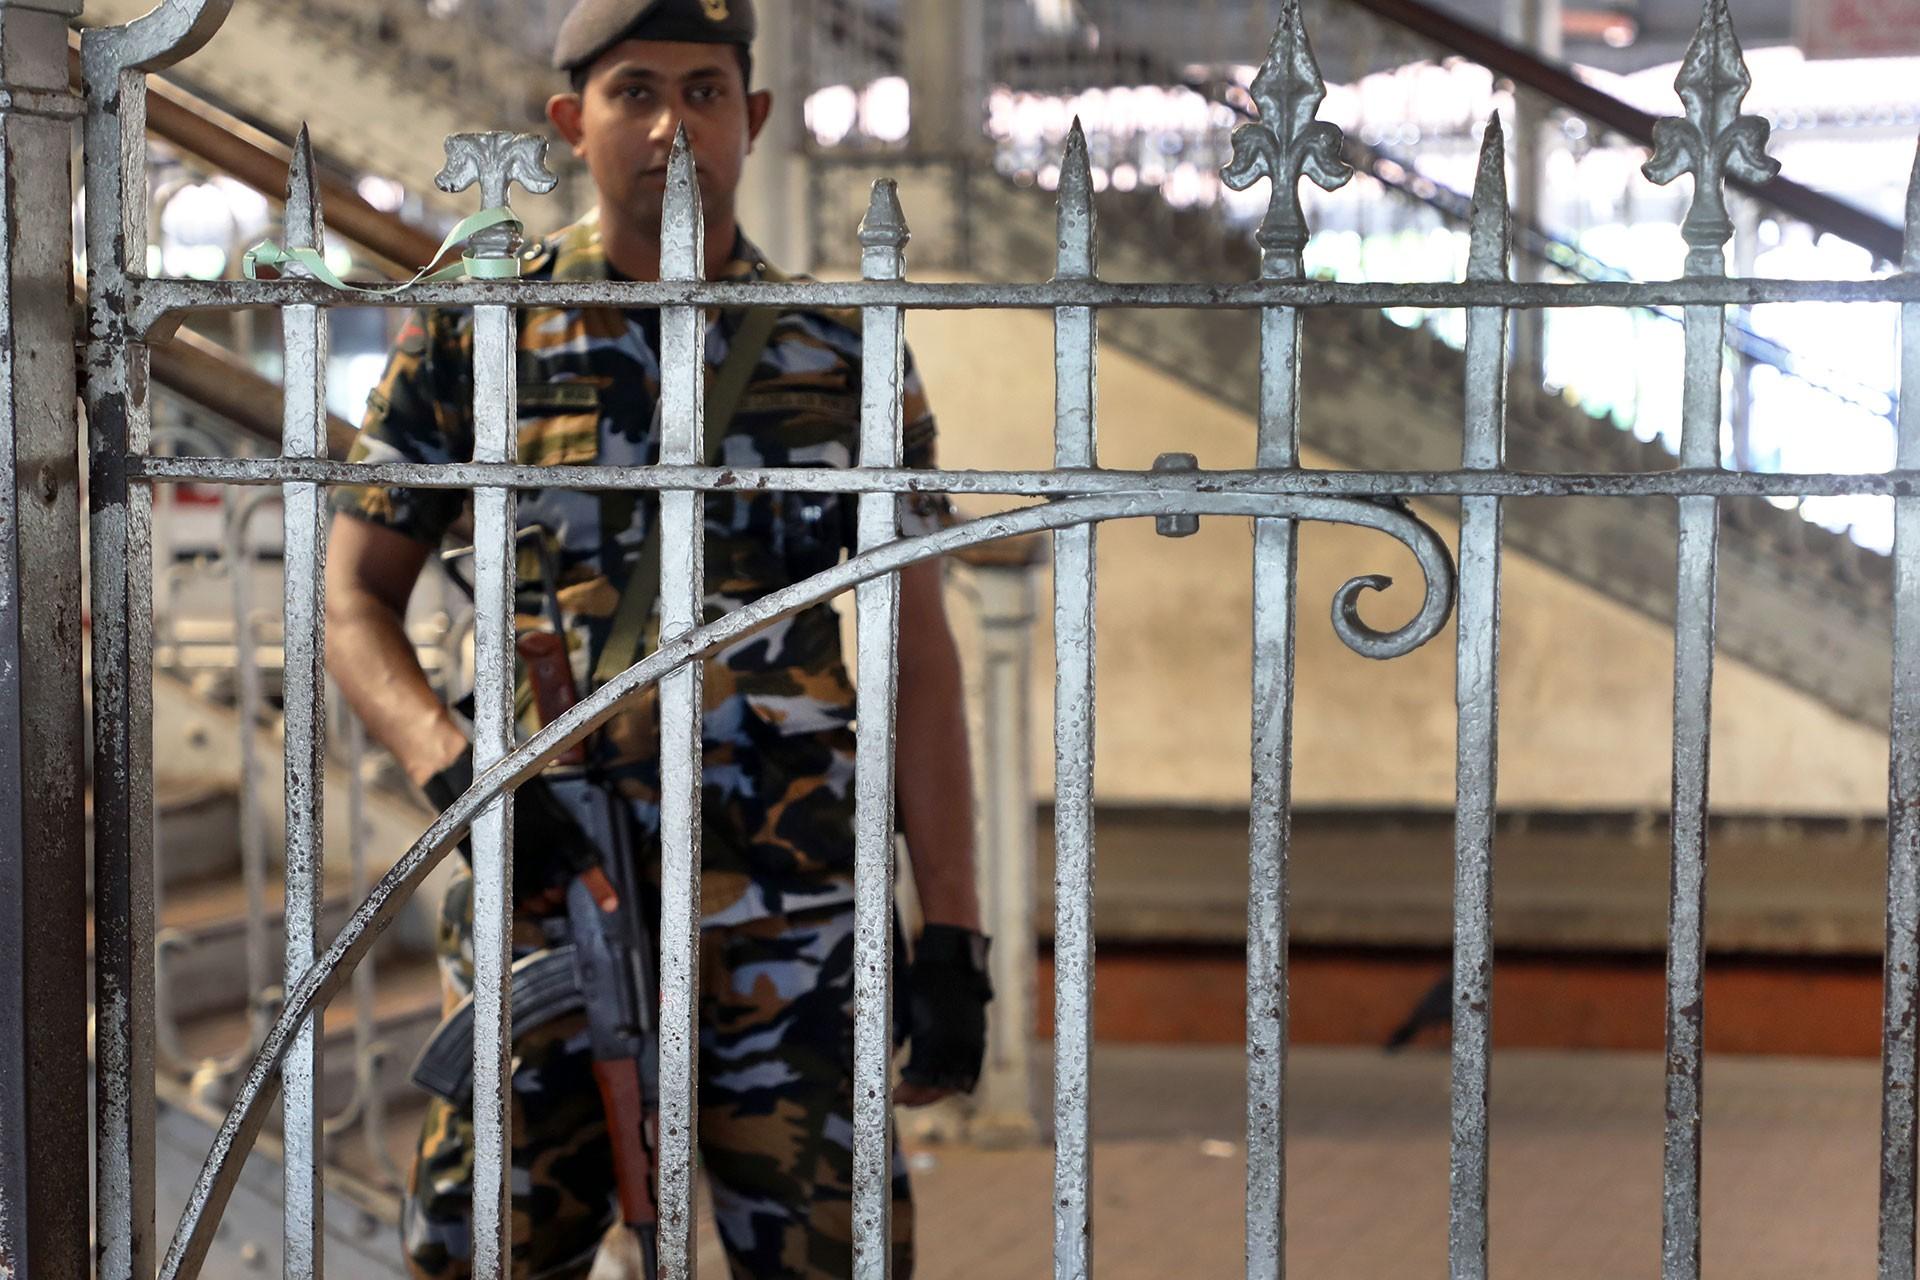 Sri Lanka hükümeti yeni tip koronavirüs (Kovid-19) nedeniyle ülke genelinde 2,5 günlük sokağa çıkma yasağı ilan edildi. Başkent Kolombo'daki otobüs terminalinin devriye gezen güvenlik güçleri harici boş olduğu görüldü.